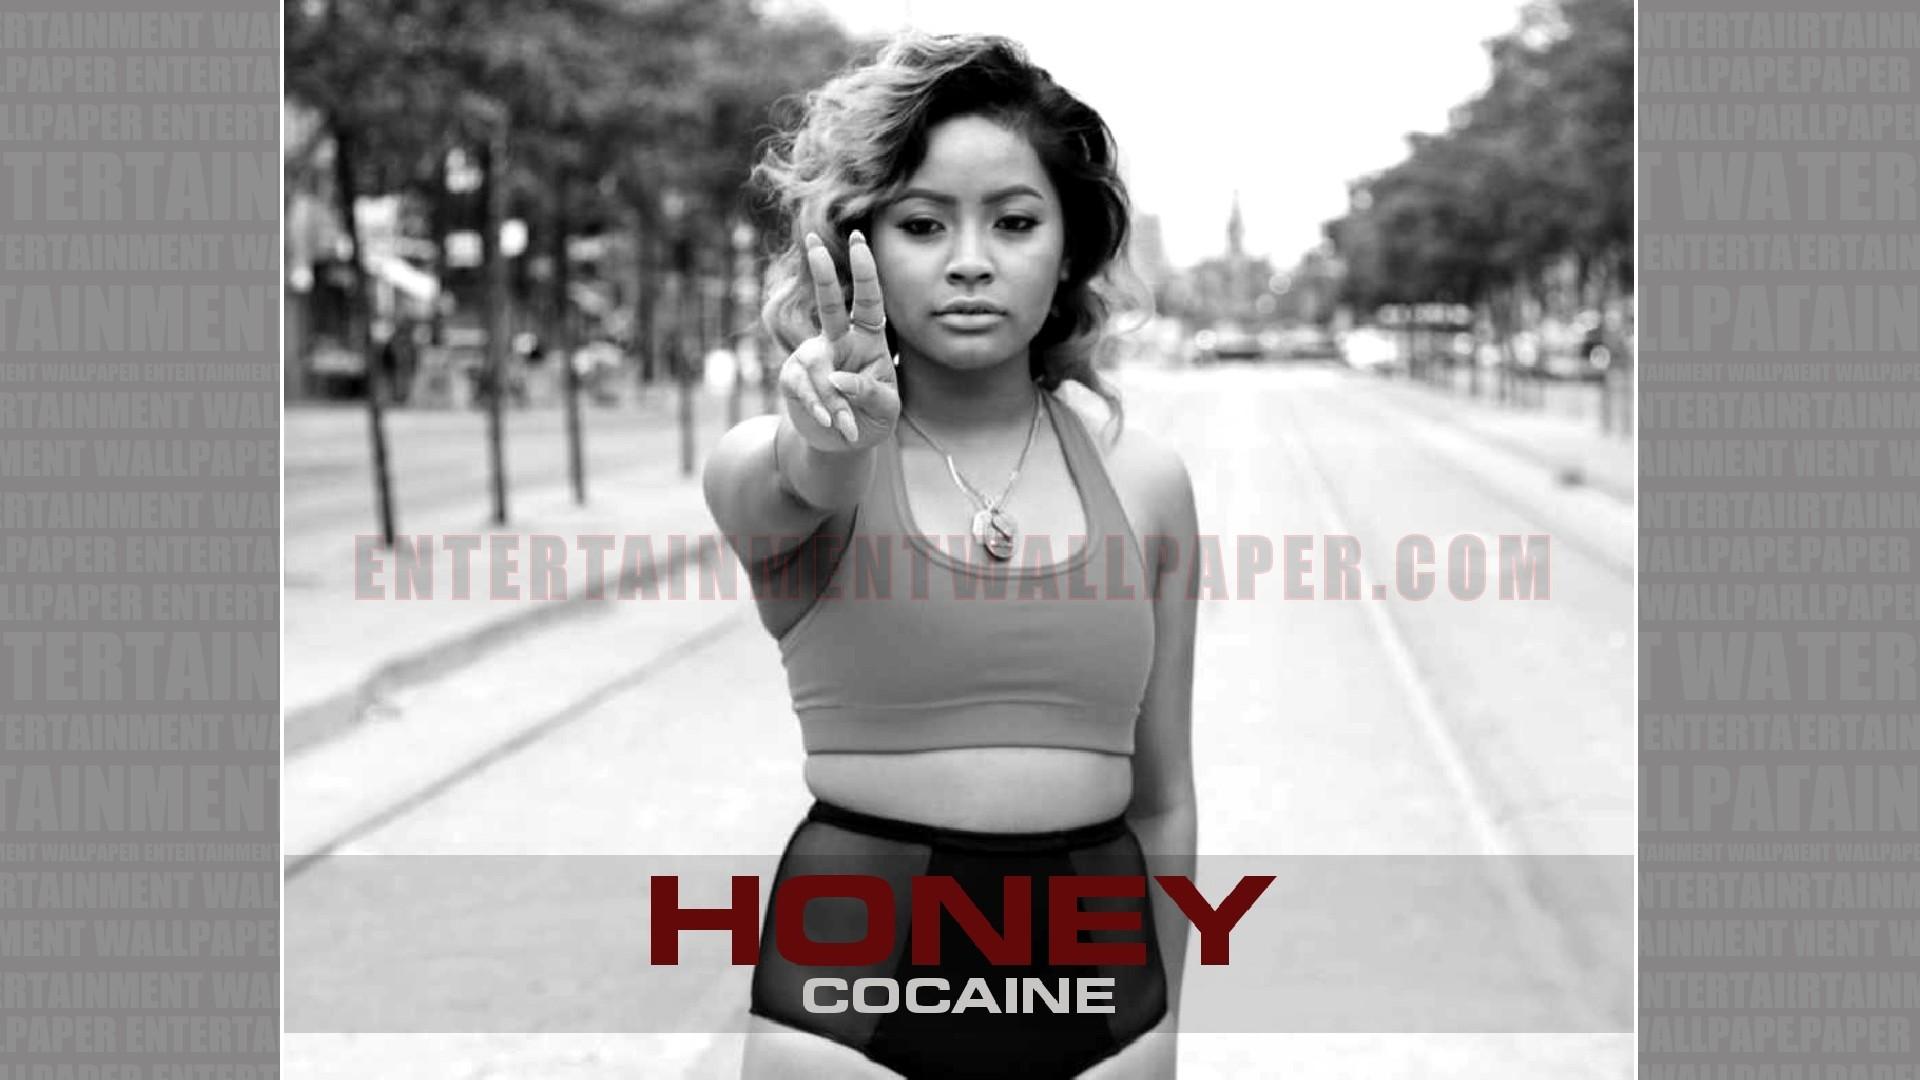 Honey Cocaine Wallpaper   40036604 1920x1080 Desktop Download 1920x1080